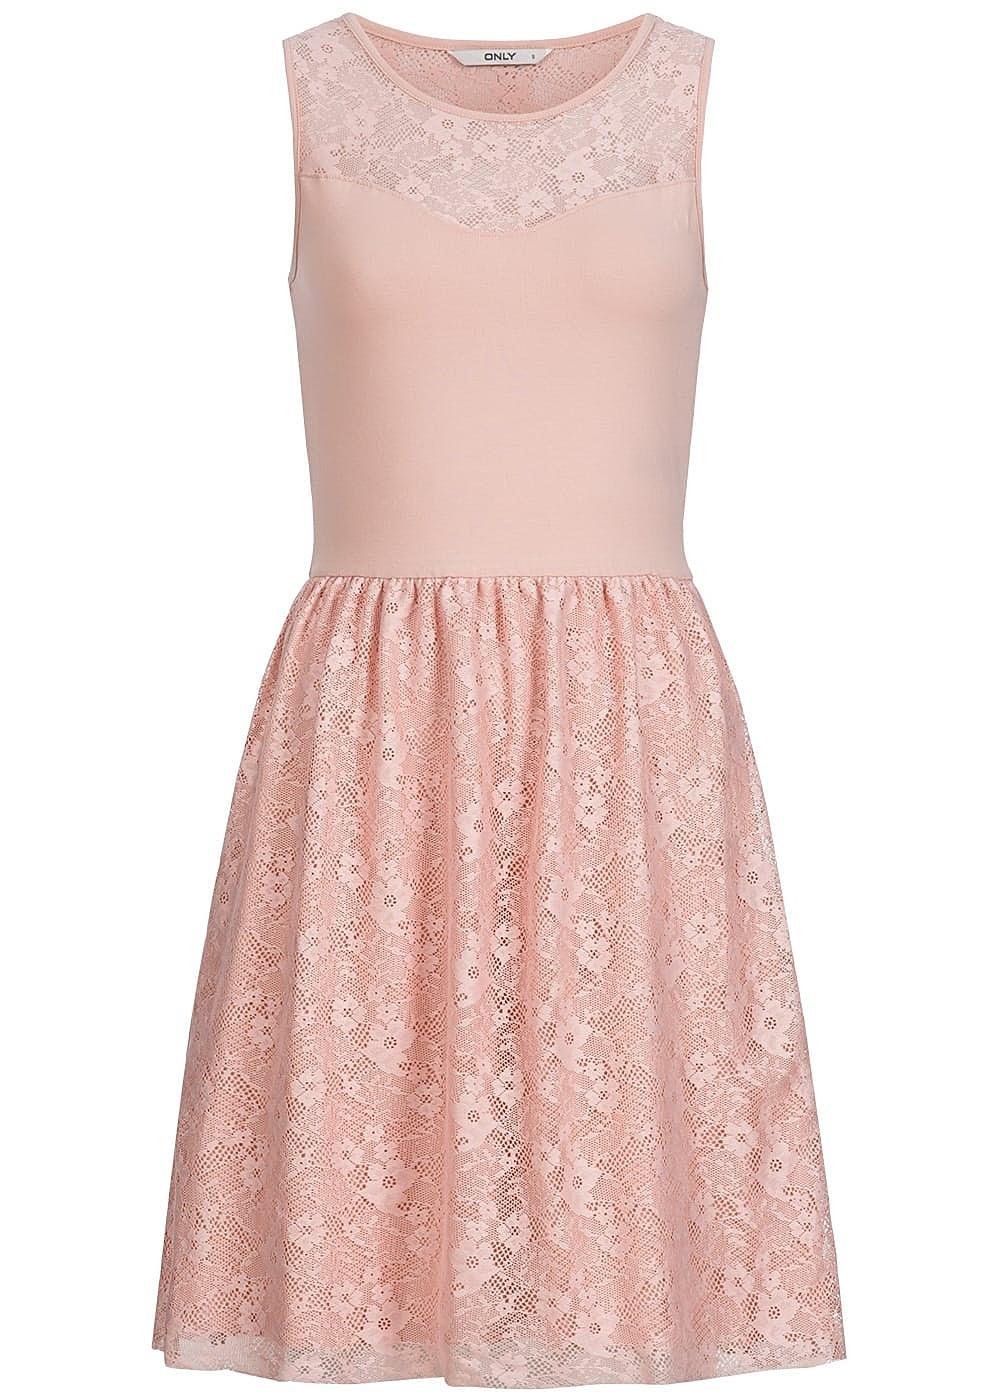 17 Fantastisch Rosa Kleid Mit Spitze Spezialgebiet17 Leicht Rosa Kleid Mit Spitze Ärmel